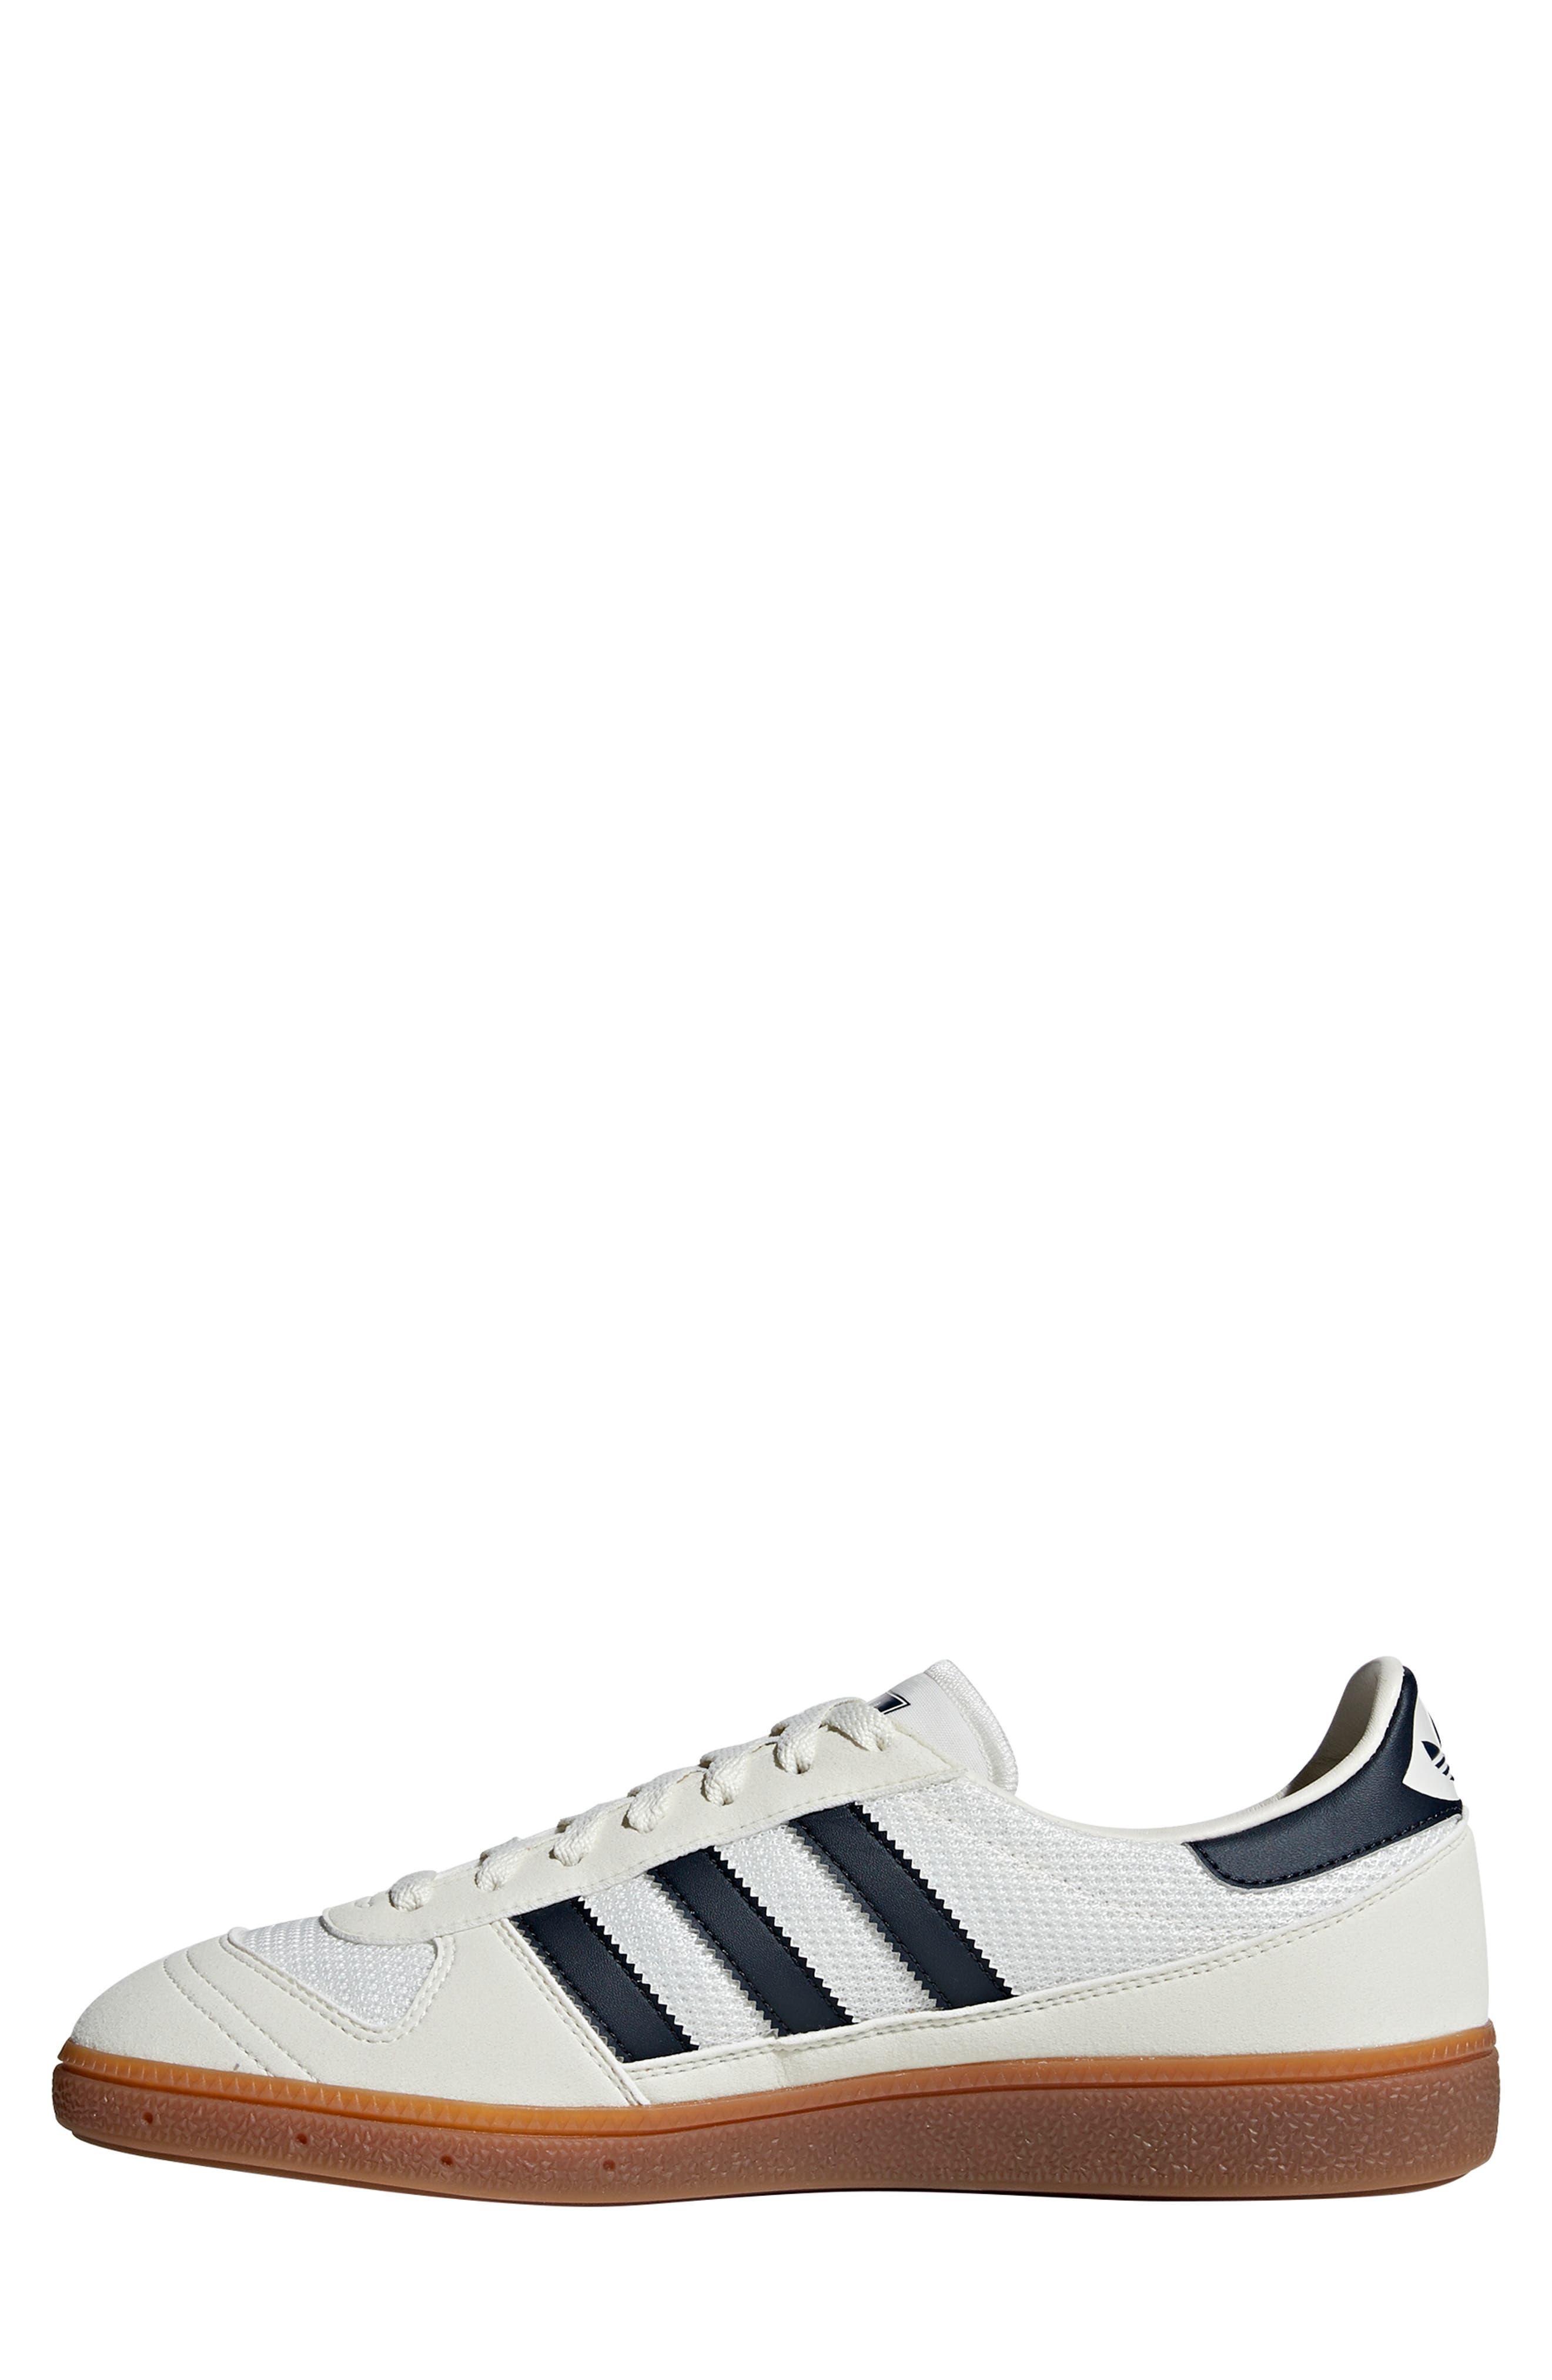 Wilsy SPZL Sneaker,                             Alternate thumbnail 6, color,                             OFF WHITE/ NIGHT NAVY